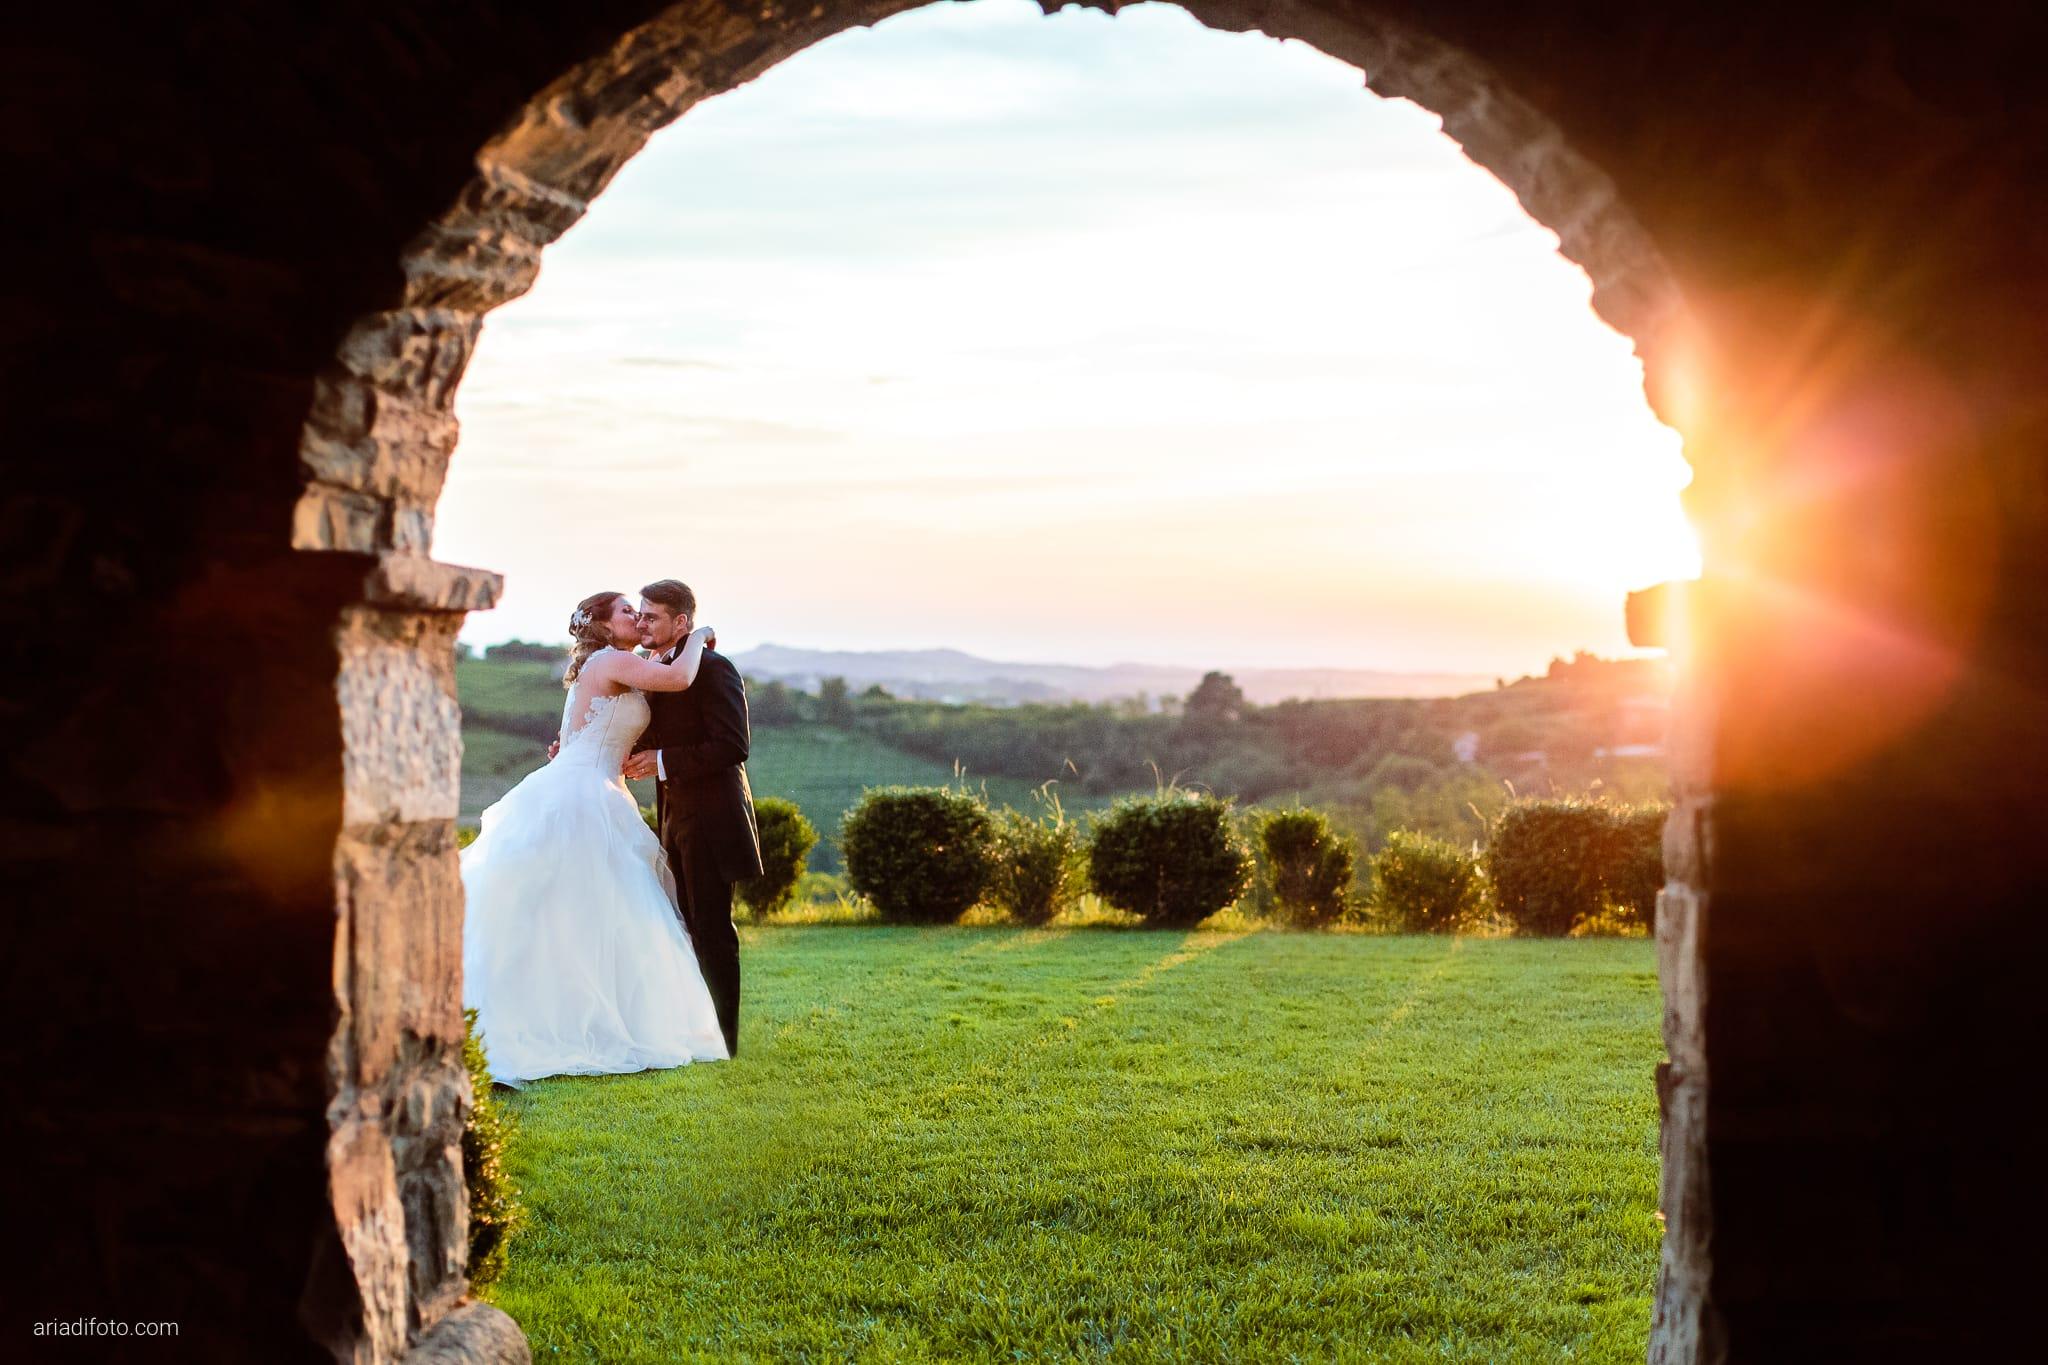 Martina Daniele Matrimonio Duino Baronesse Tacco Collio Gorizia ritratti sposi tramonto